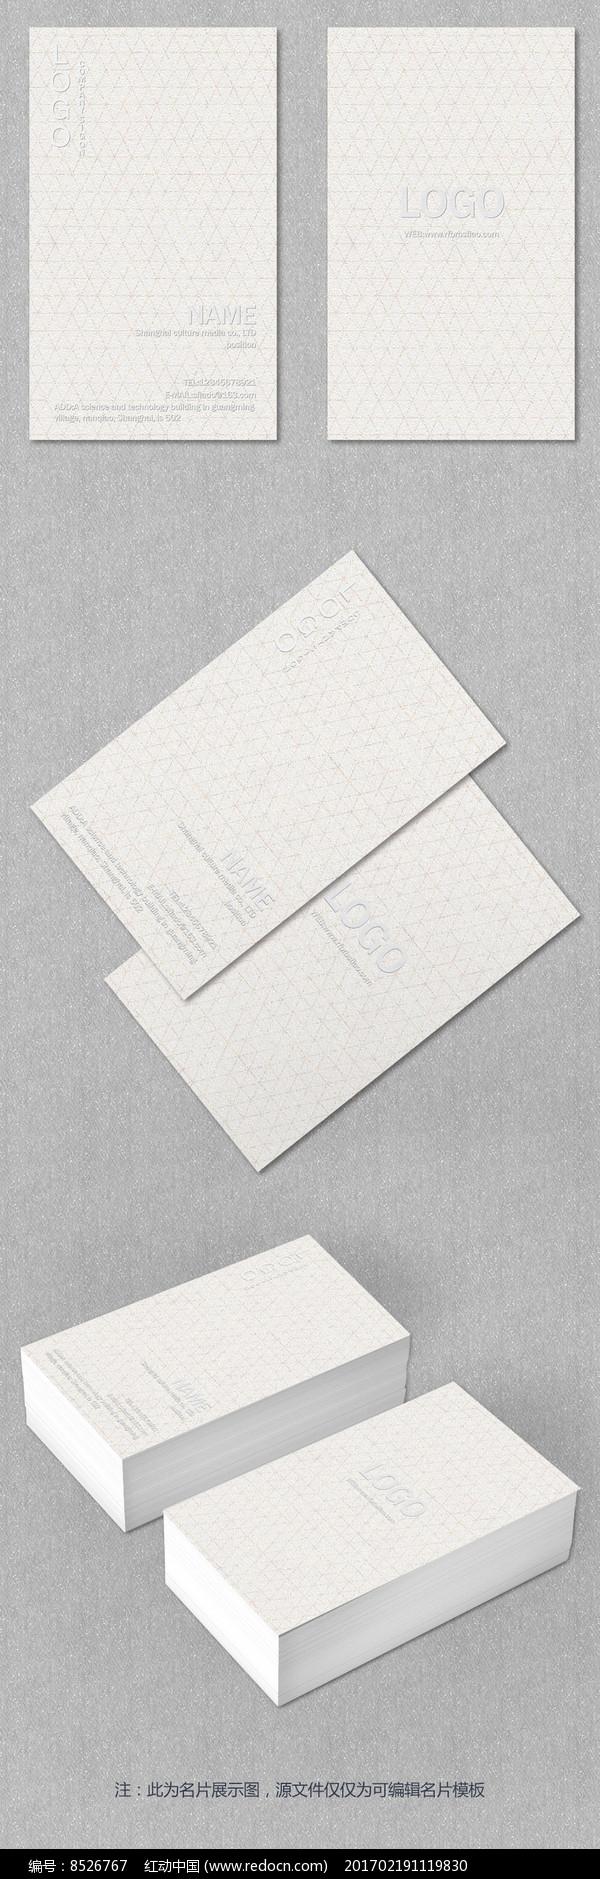 米白色商务风磨砂名片图片图片